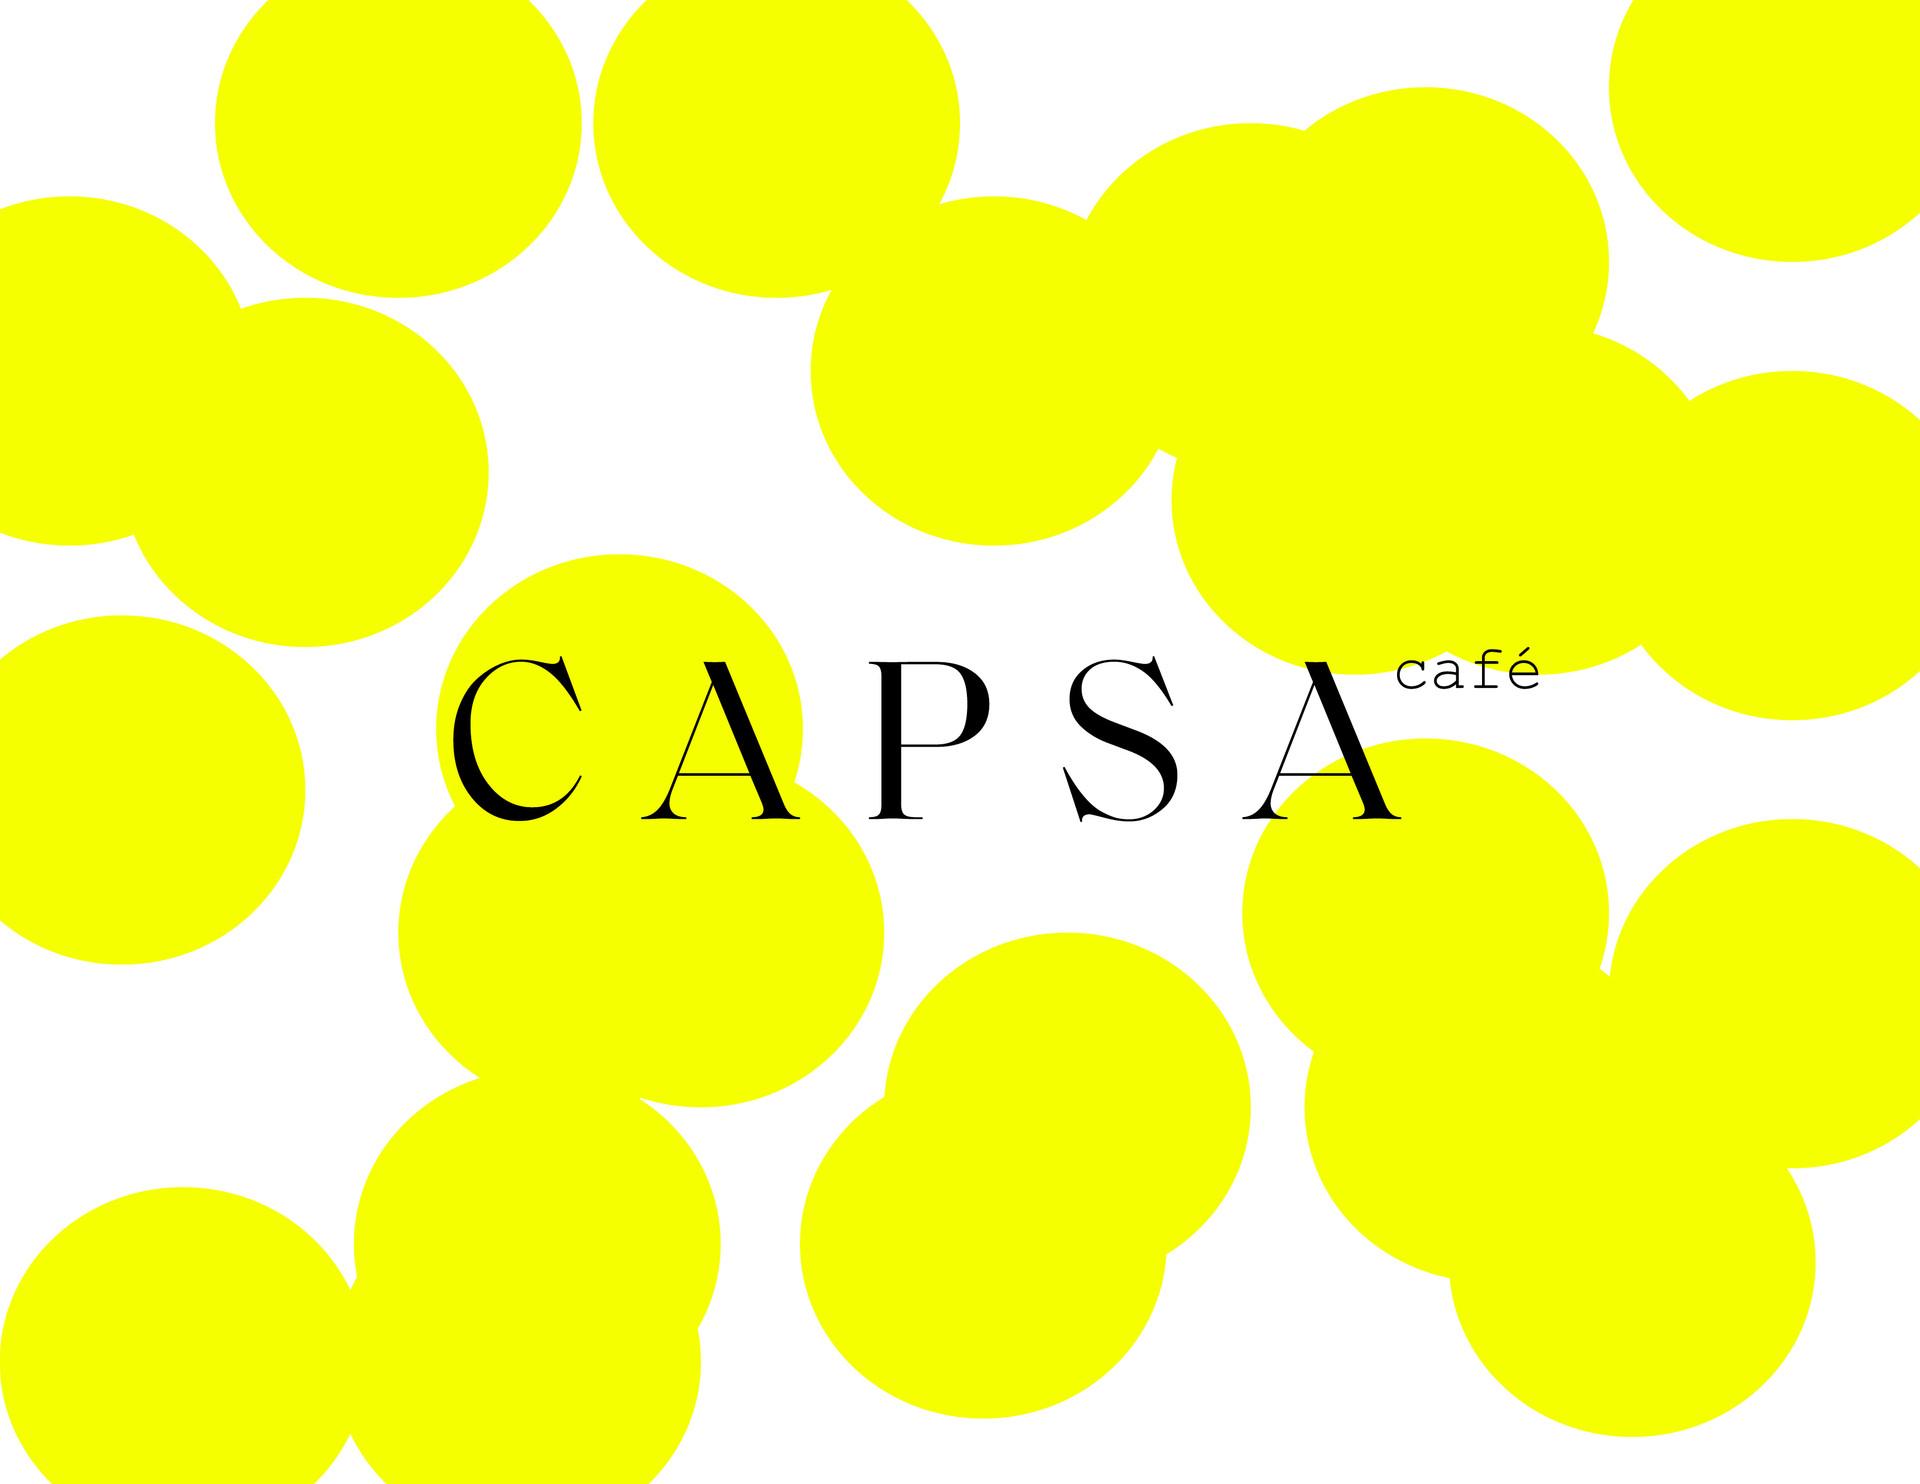 Capsa_Café_219.jpg